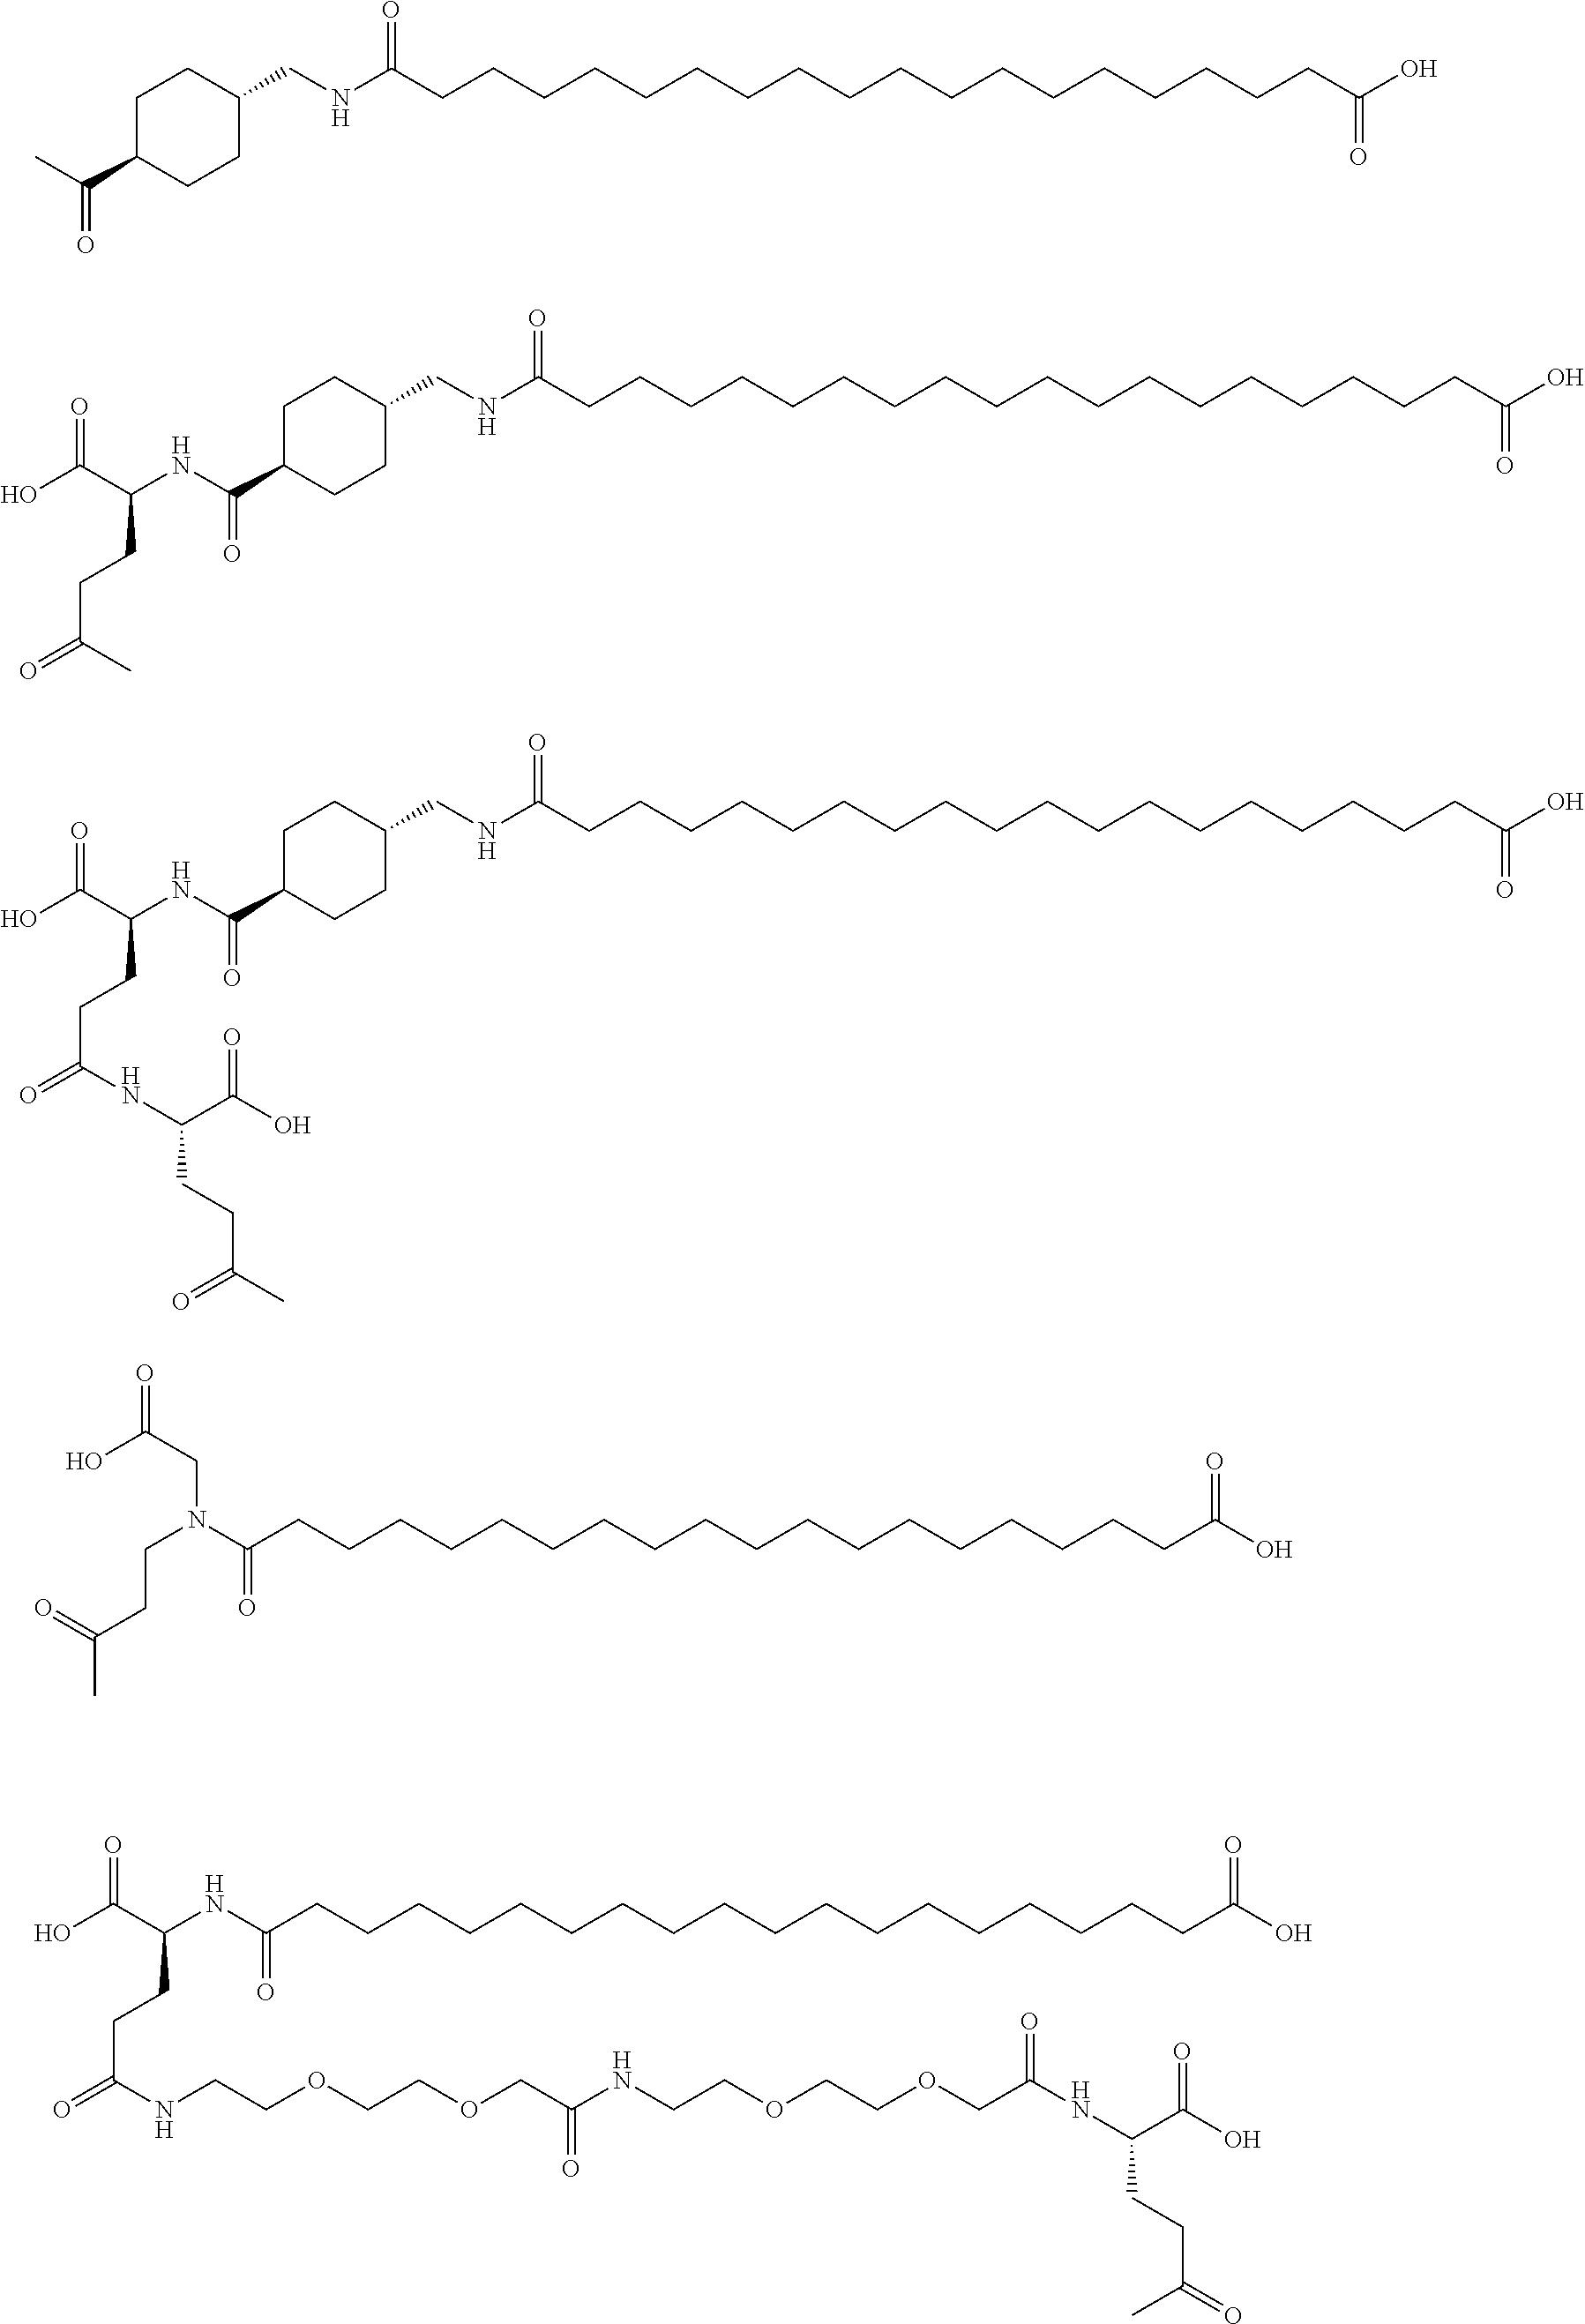 Figure US20180000742A1-20180104-C00016